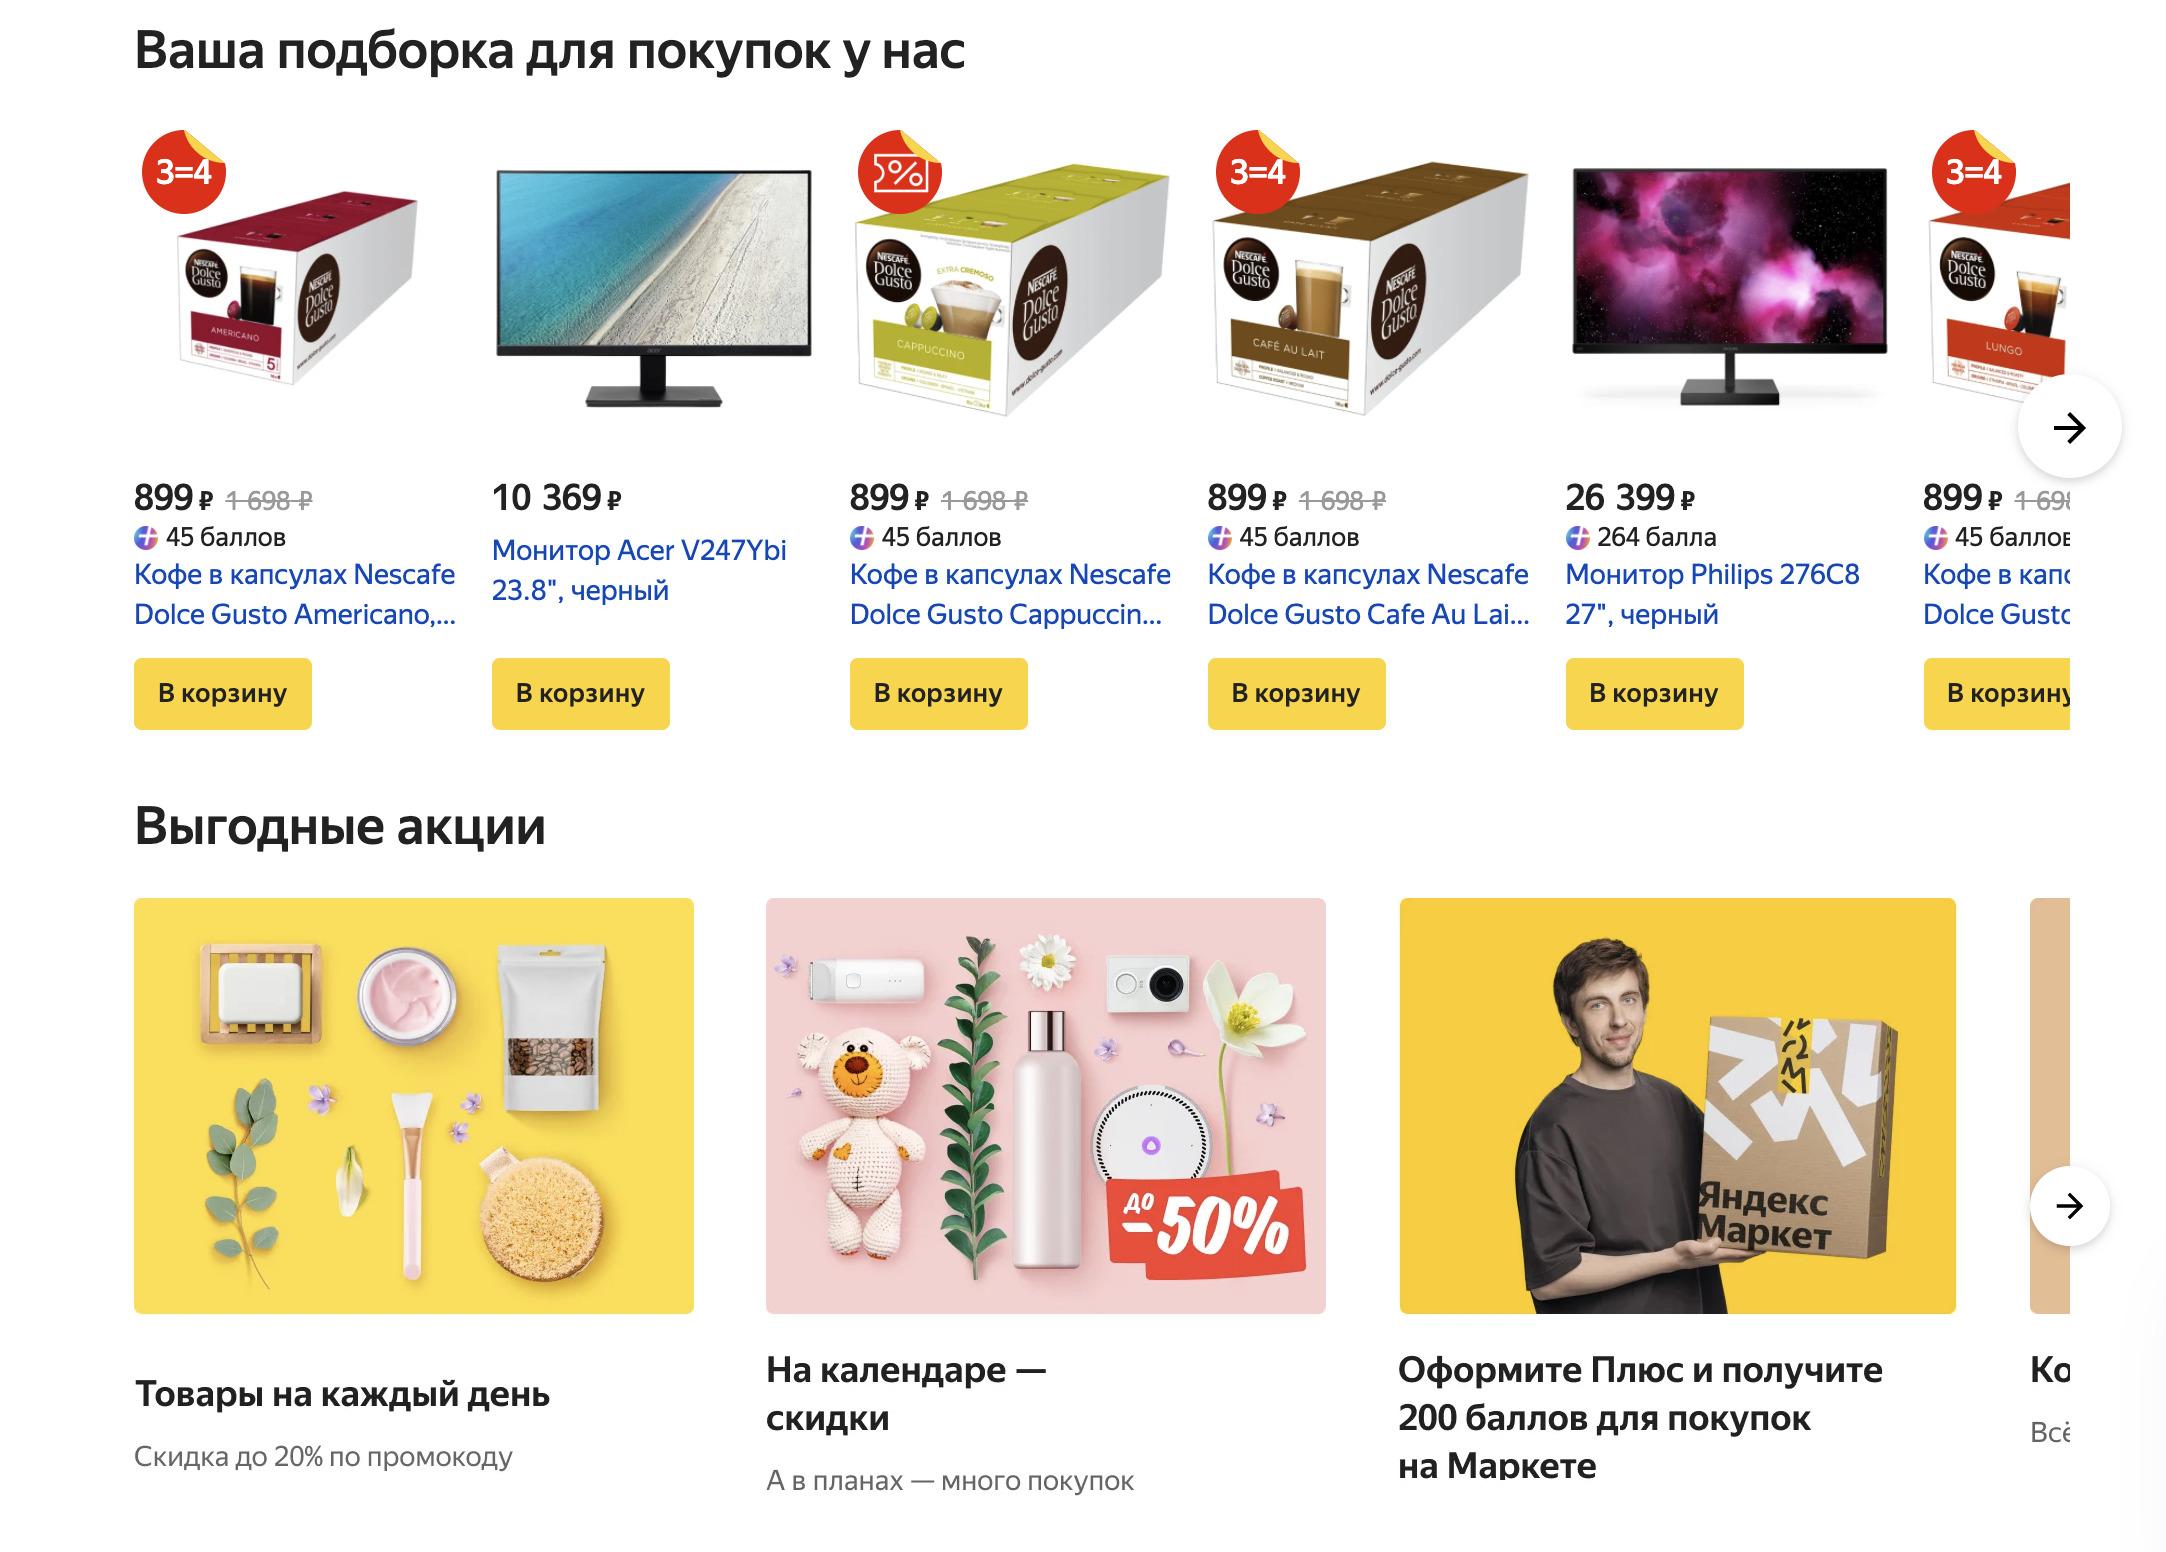 Доставка из Яндекс.Маркет в Нижнекамск, сроки, пункты выдачи, каталог